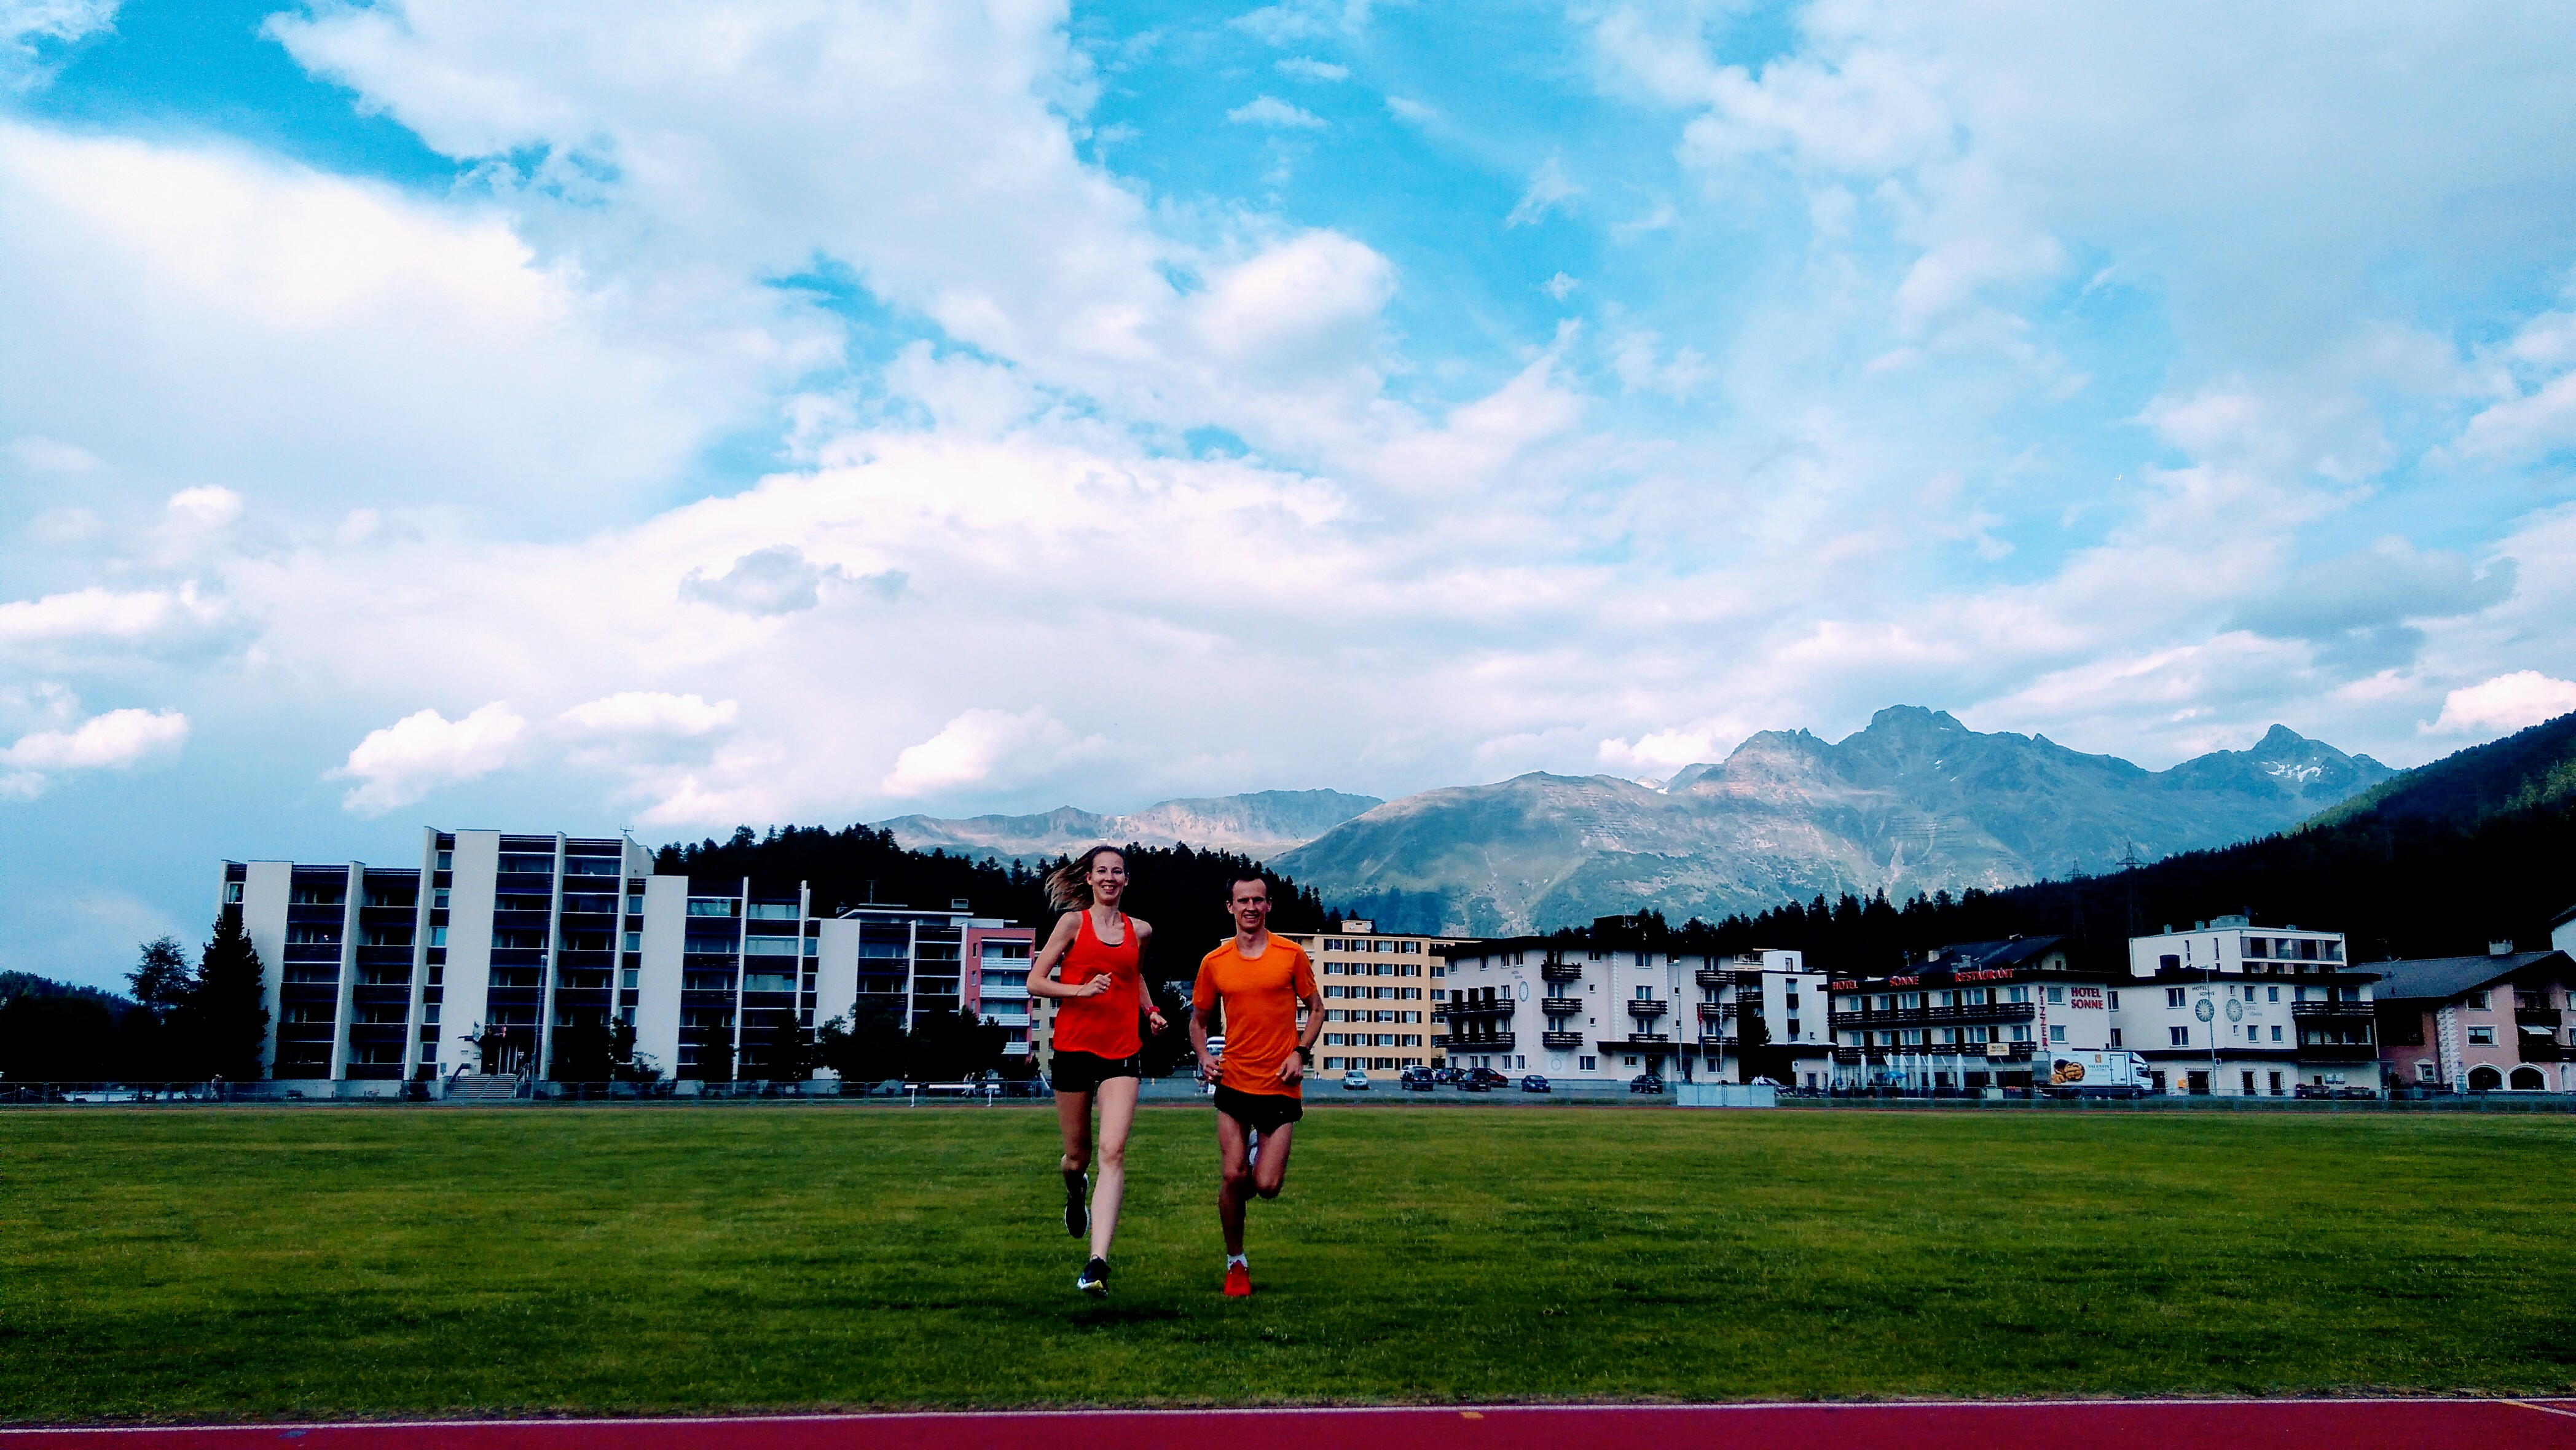 trenerzy biegania Kamila Pobłocka-Dobrowolska i Emil Dobrowolski na treningu - obóz biegowy w Sankt Moritz